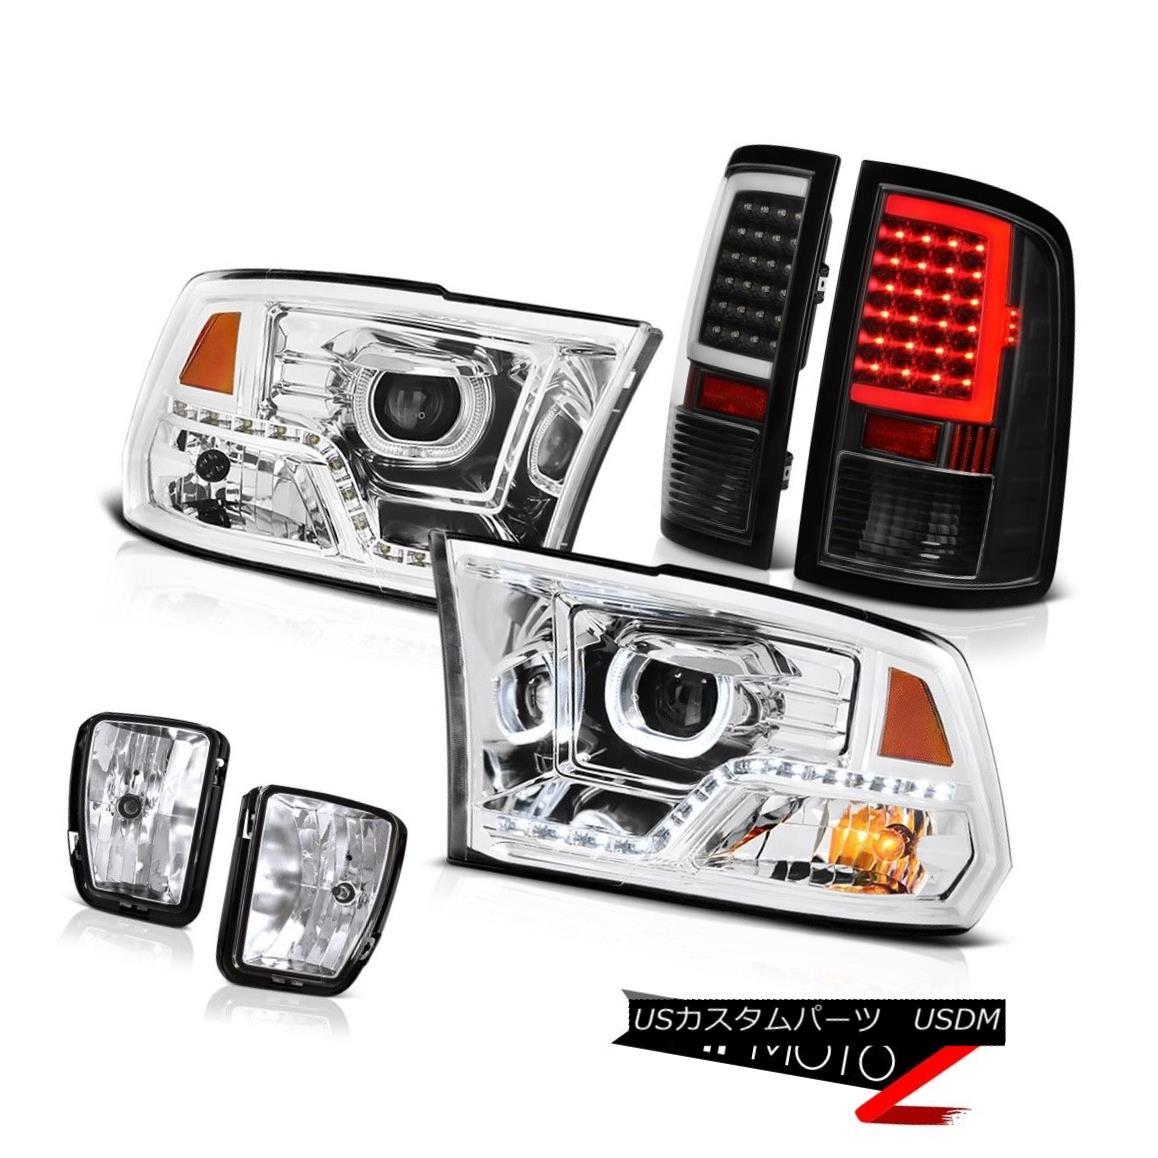 ヘッドライト 13-18 RAM 1500 Inky Black Tail Lights Euro Clear Head Lamps Driving Assembly SET 13-18 RAM 1500 Inky Blackテールライトユーロクリアヘッドランプ駆動アセンブリSET